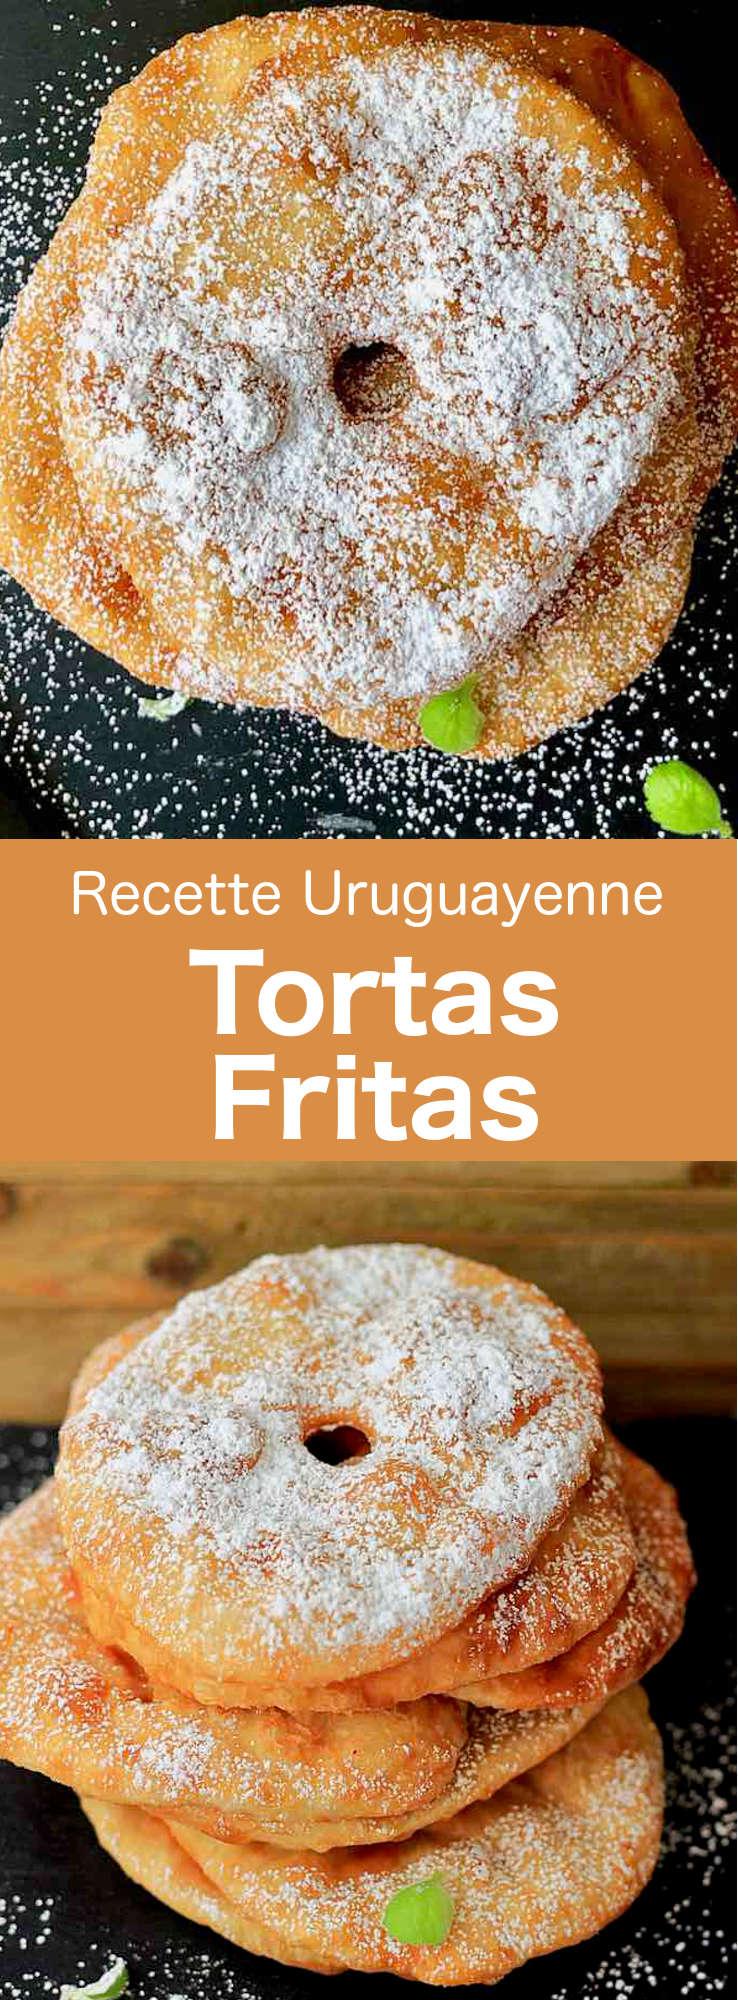 Les tortas fritas sont des pains frits populaires en Uruguay et Argentine où il est de coutume de les savourer un après-midi pluvieux avec du thé yerba mate. #Uruguay #Argentine #RecetteUruguayennne #RecetteArgentine #CuisineUruguayene #CuisineArgentine #WorldCuisine #196flavors